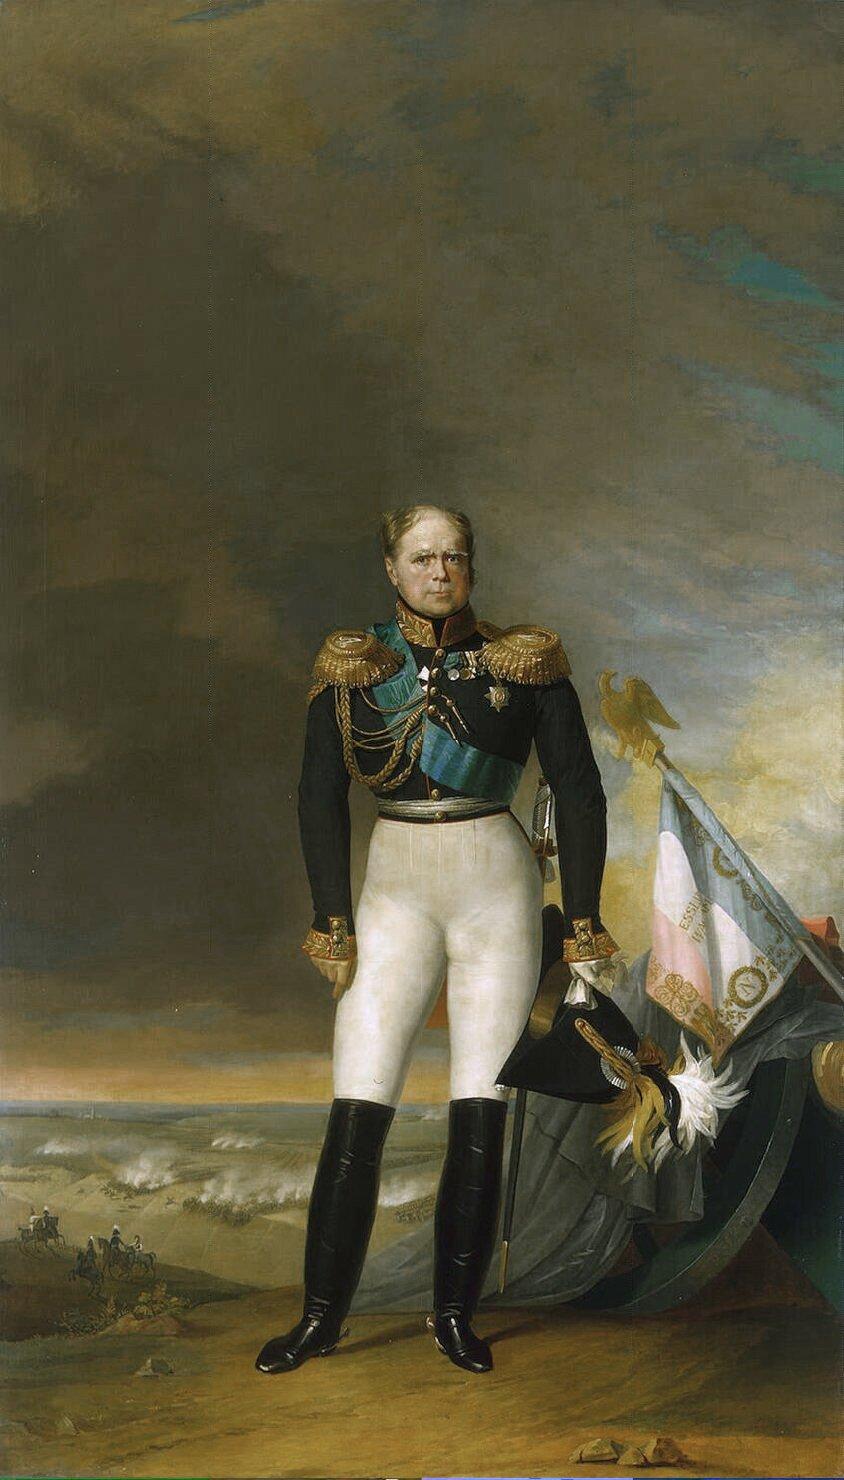 Portret księcia Konstantego Pawłowicza Wielkiego Źródło: George Dawe, Thomas Wright, Portret księcia Konstantego Pawłowicza Wielkiego, 1834, olej na płótnie, Hermitage Museum, domena publiczna.